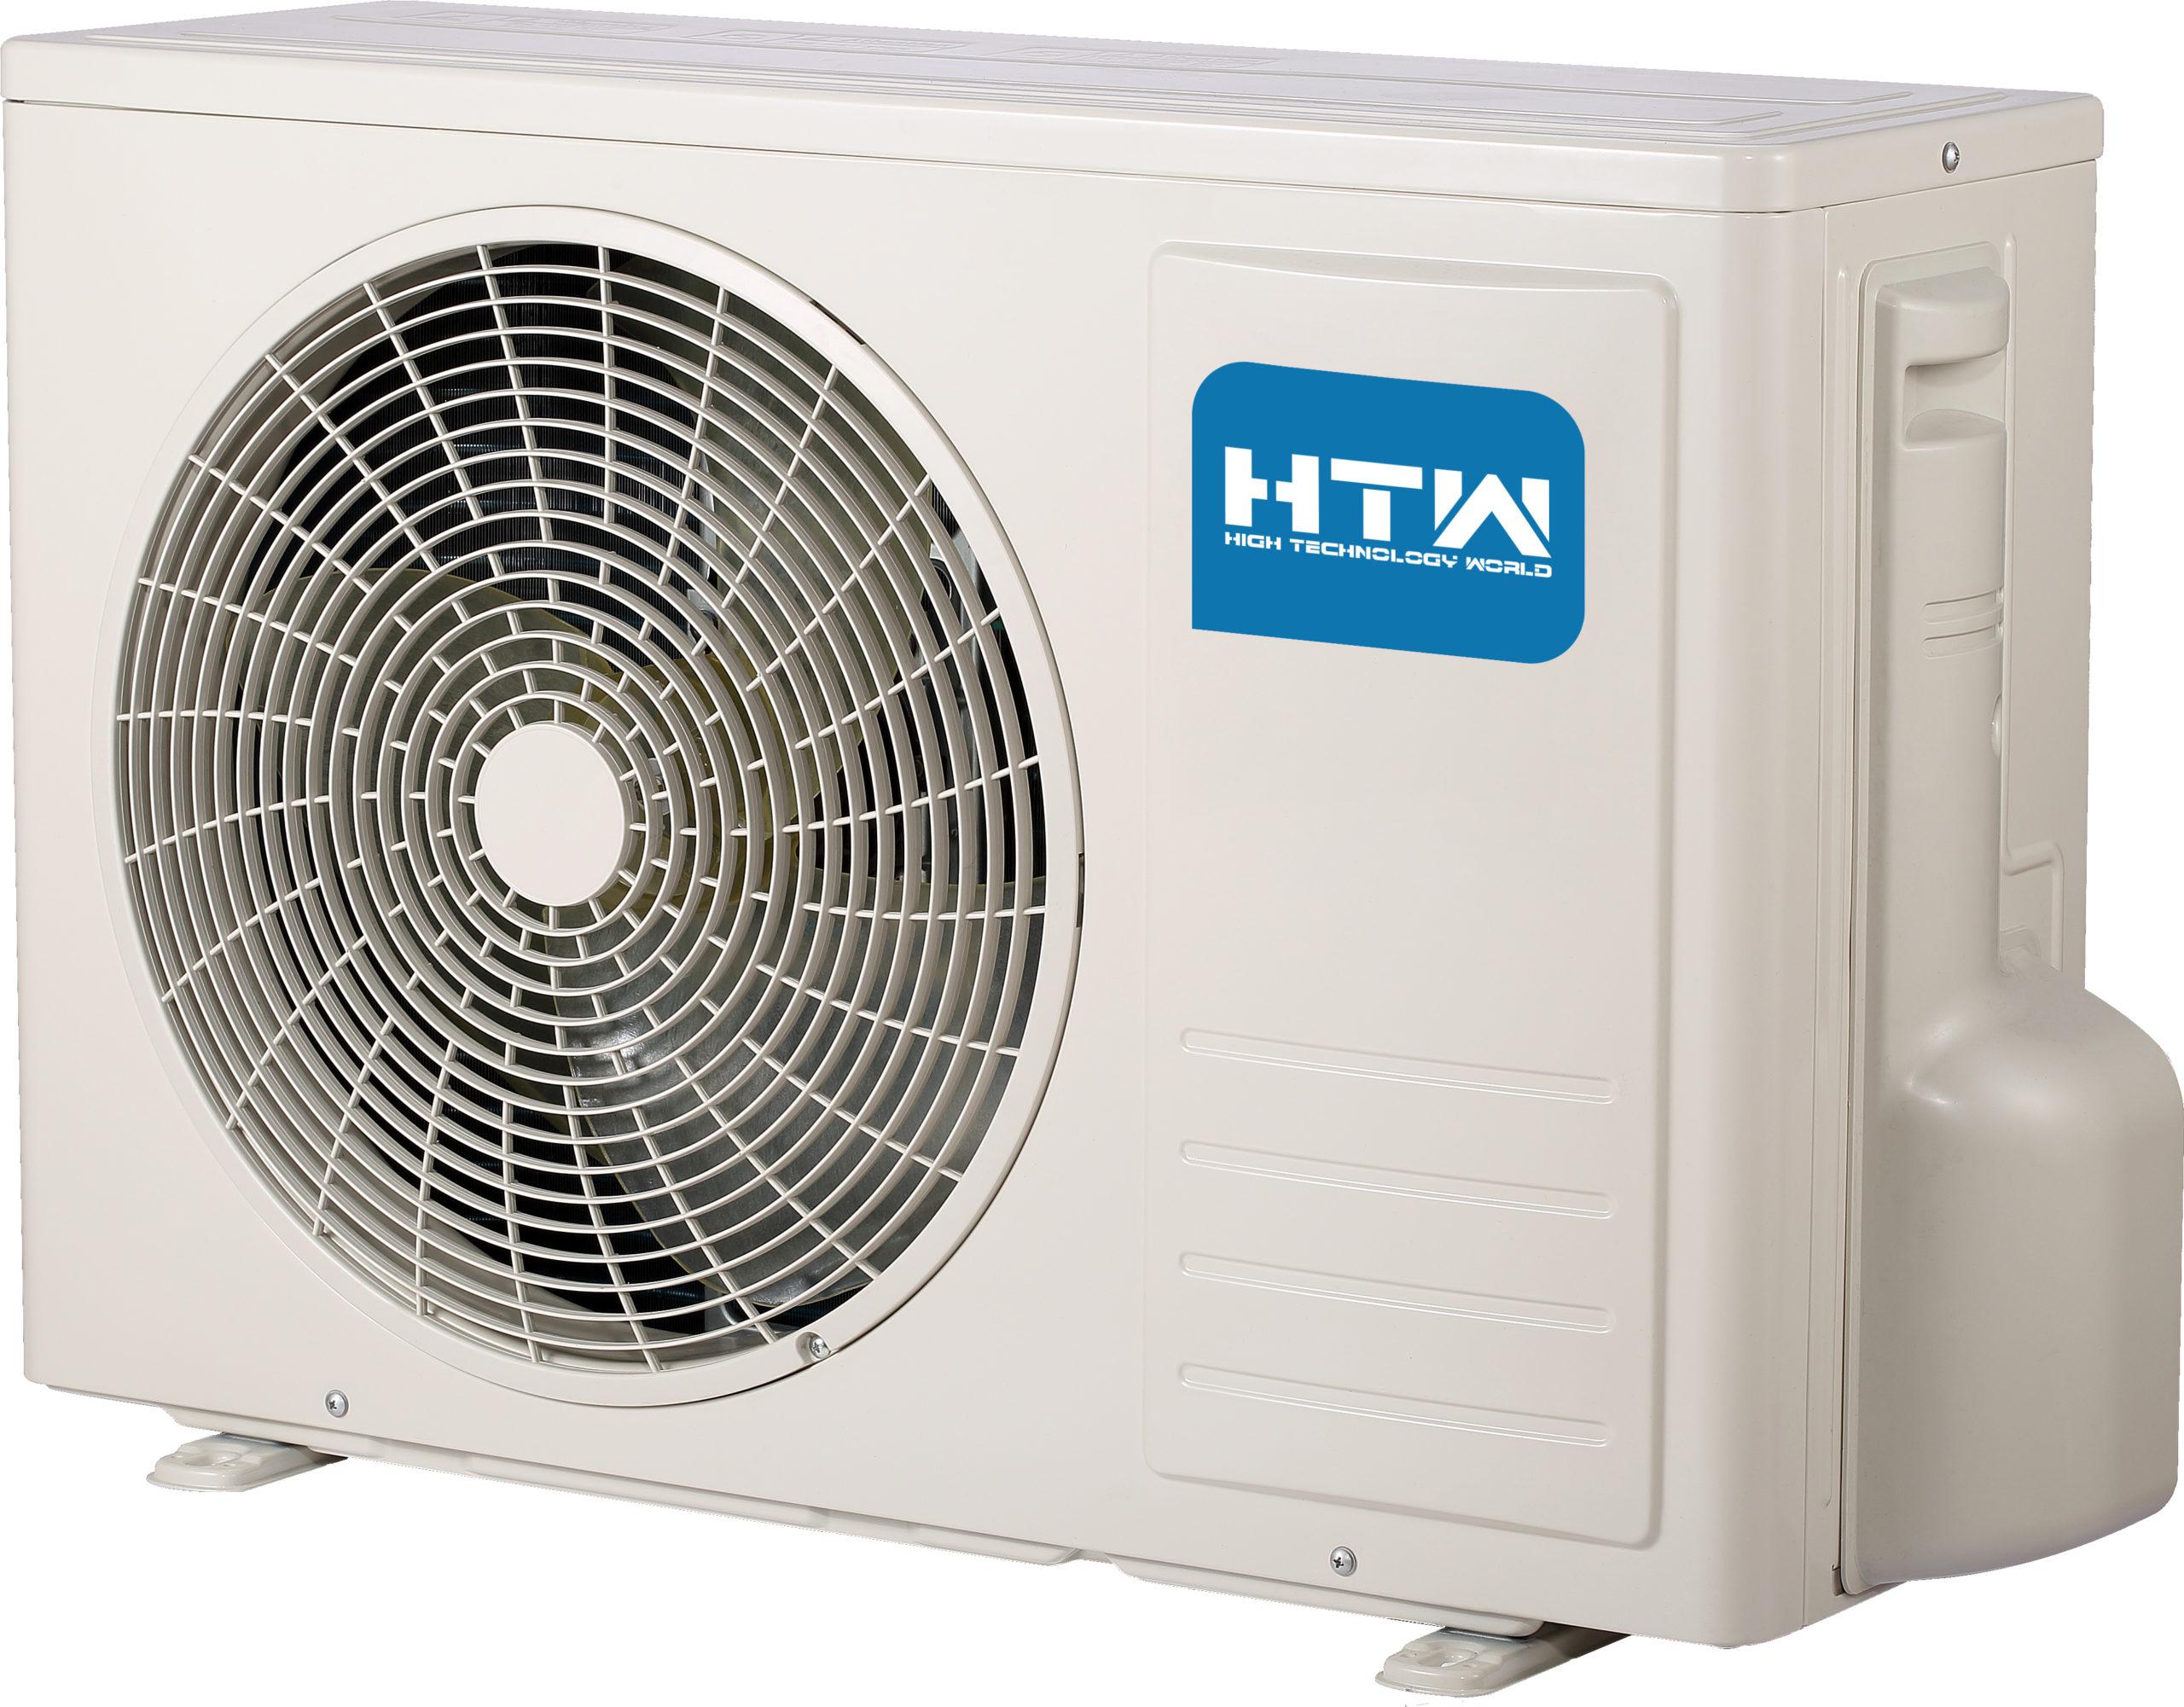 Šilumos siurblys oras-oras ANTARCTIC HTWS026IX80SR32 efektyvus šildymas iki -25°C